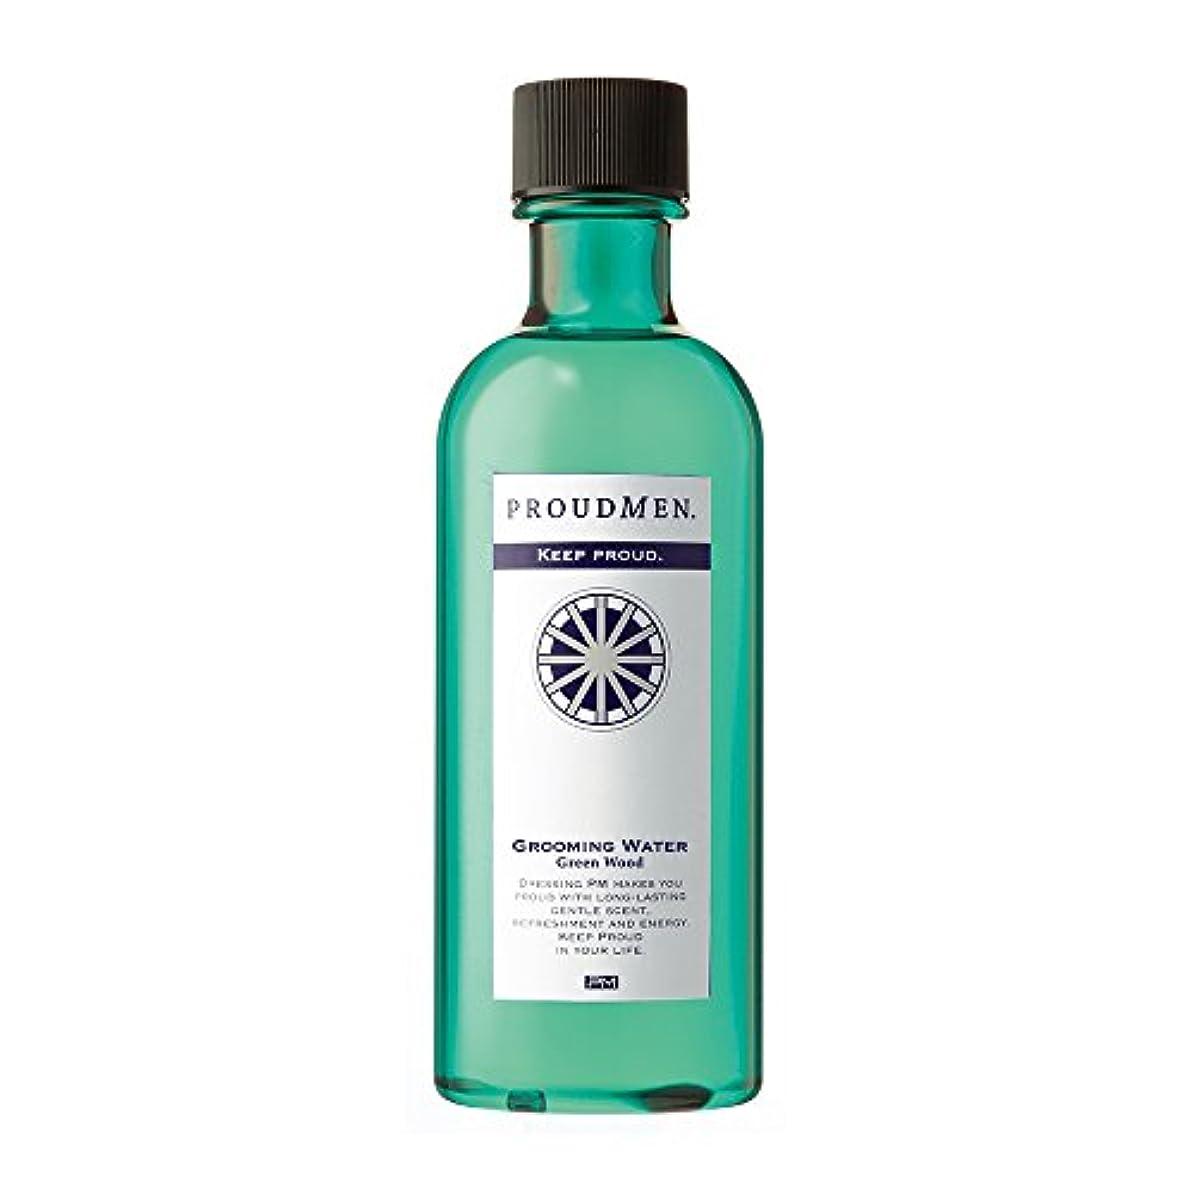 シエスタセーブ不快なプラウドメン グルーミングウォーターGW 200ml (グリーンウッドの香り) 全身 ボディローション